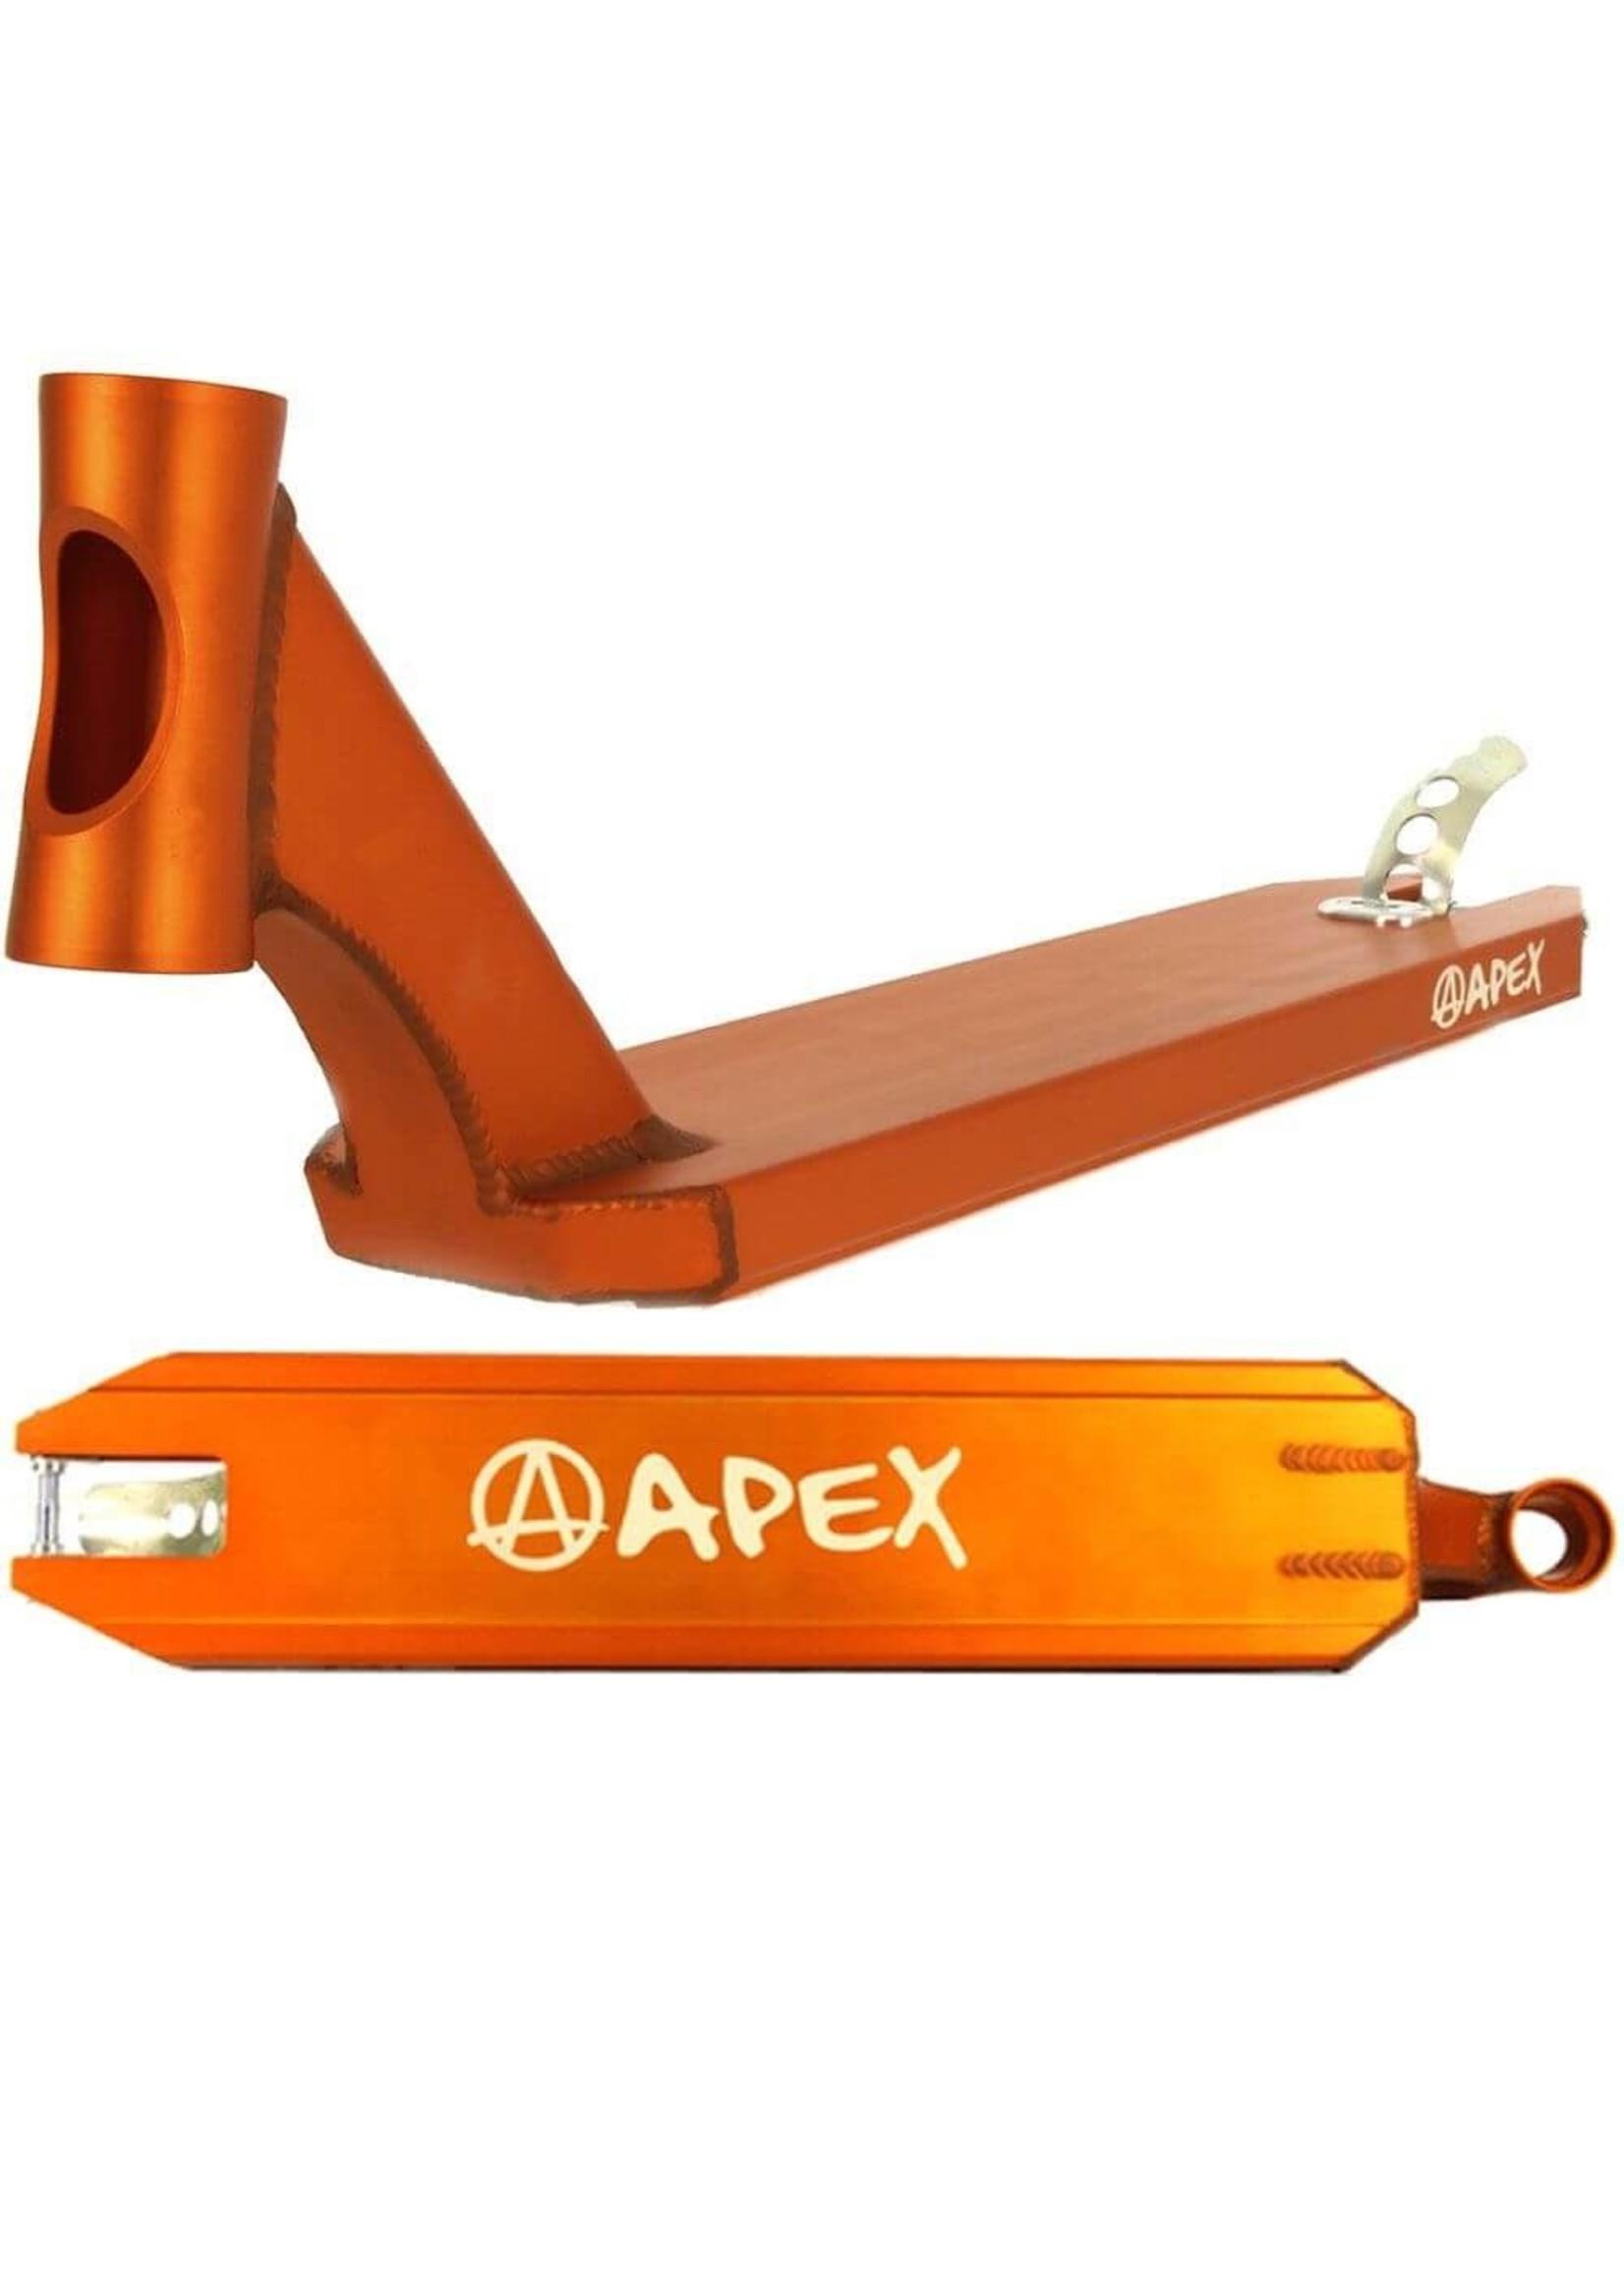 Apex Apex - Deck - 580mm